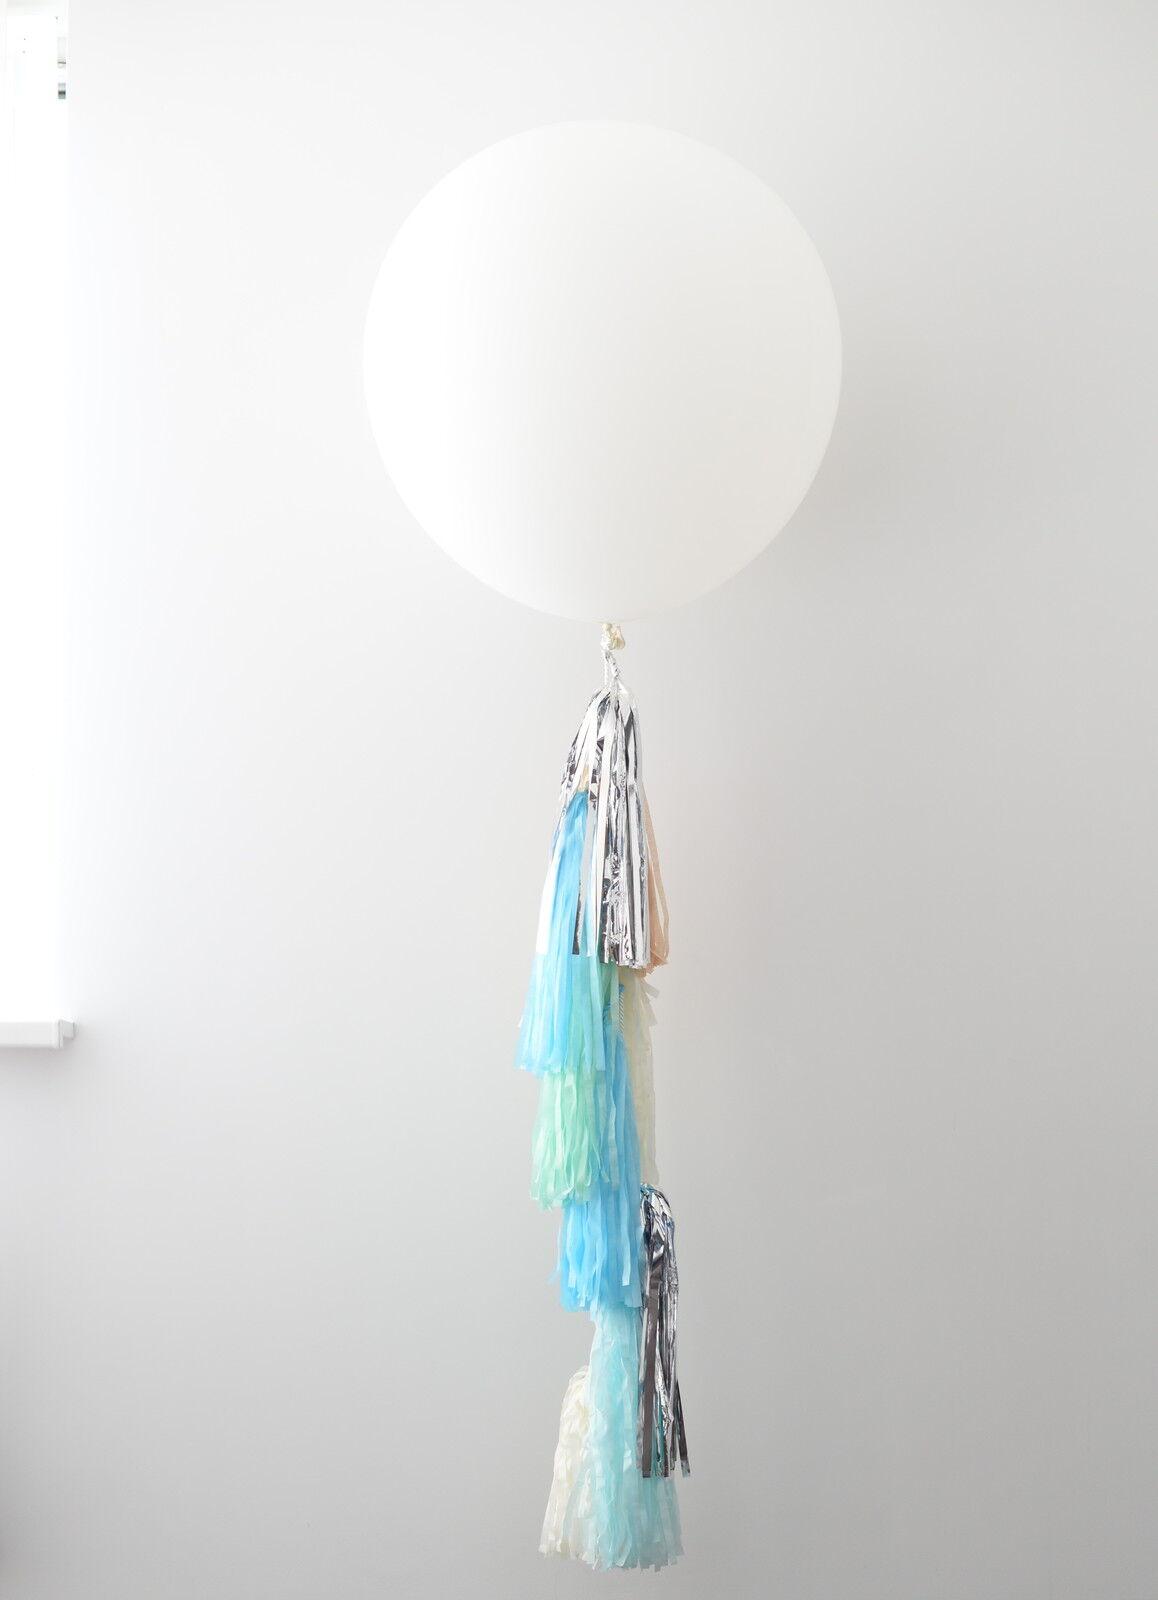 Shengshi star brille, ez-vous a ez-vous brille, au sentiHommes t de la clientèle Ballon tail-papier absorbant Tassel Garland-couleurs personnalisées 6ba505